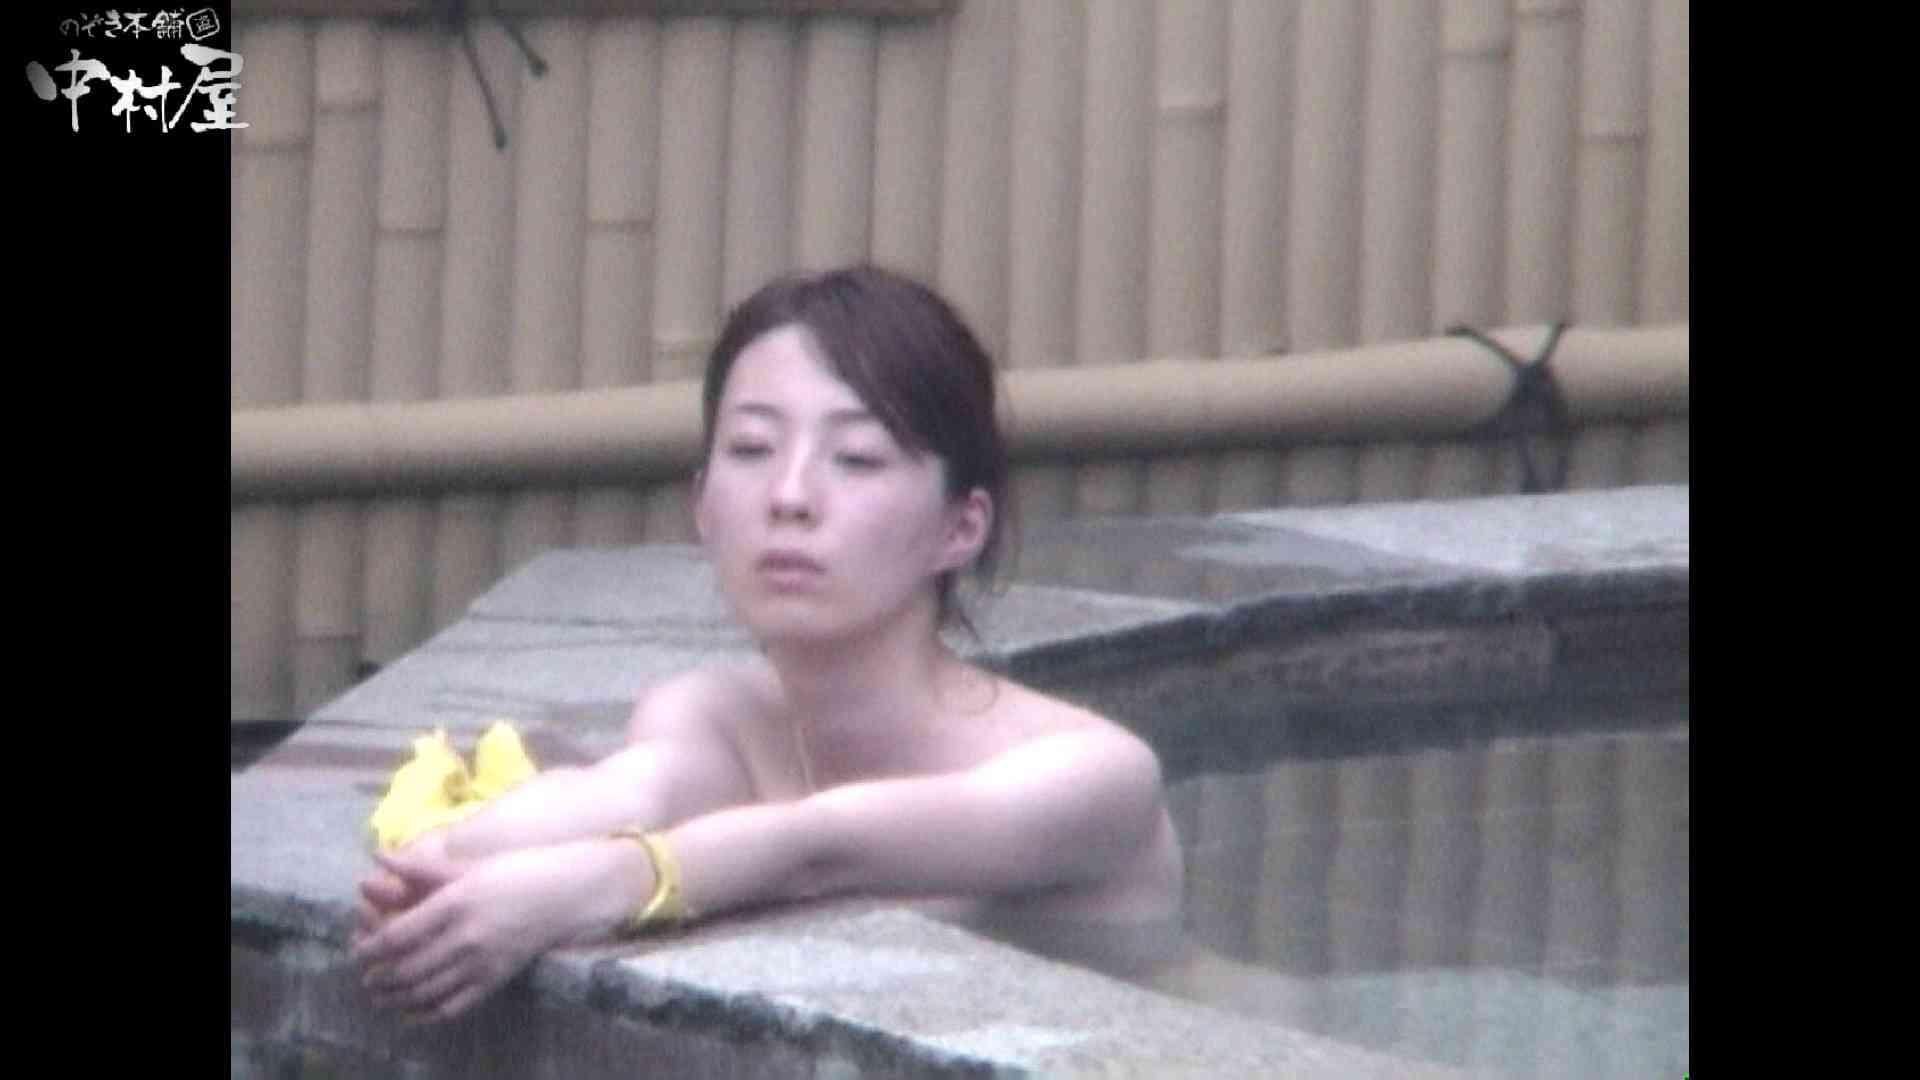 Aquaな露天風呂Vol.964 美しいOLの裸体  104pic 96